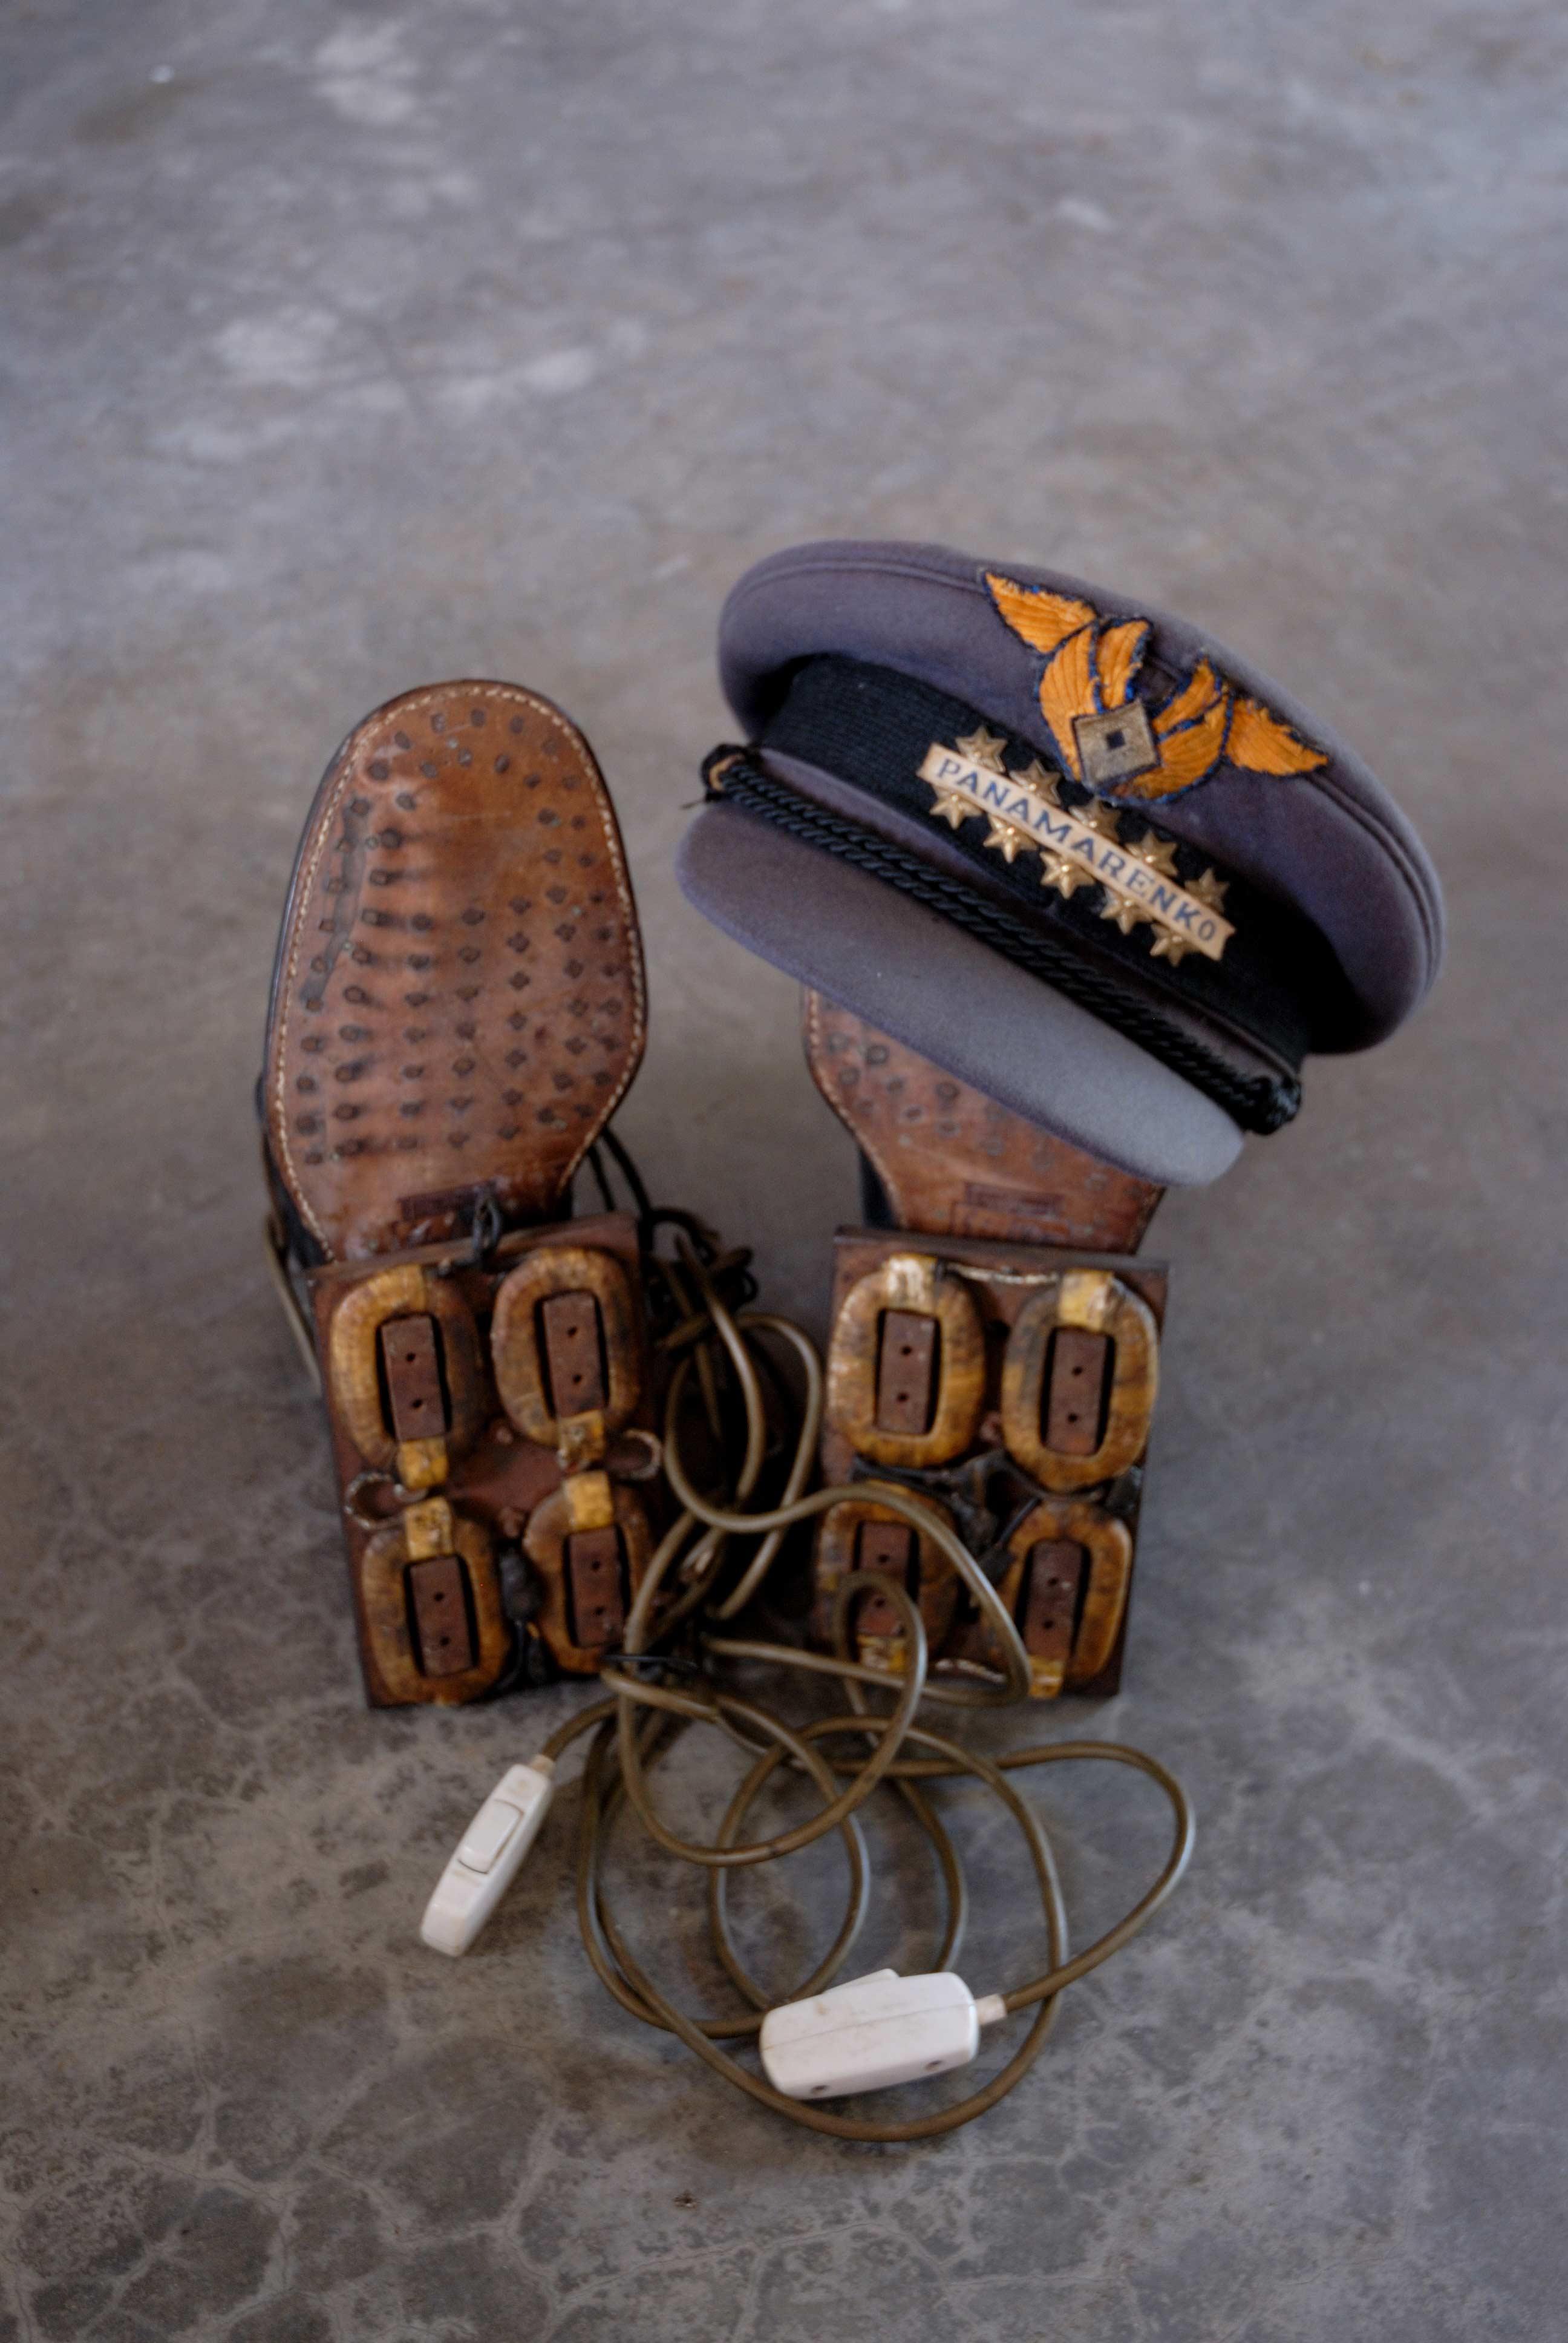 Magnetische Shoenen@ (Chaussures magnétiques)